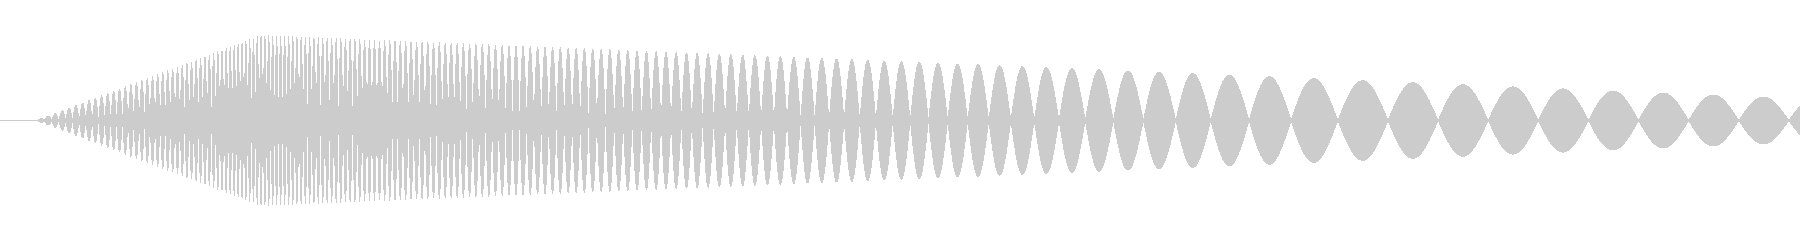 【コミカル】肉球・足音・スタンプ4の未再生の波形